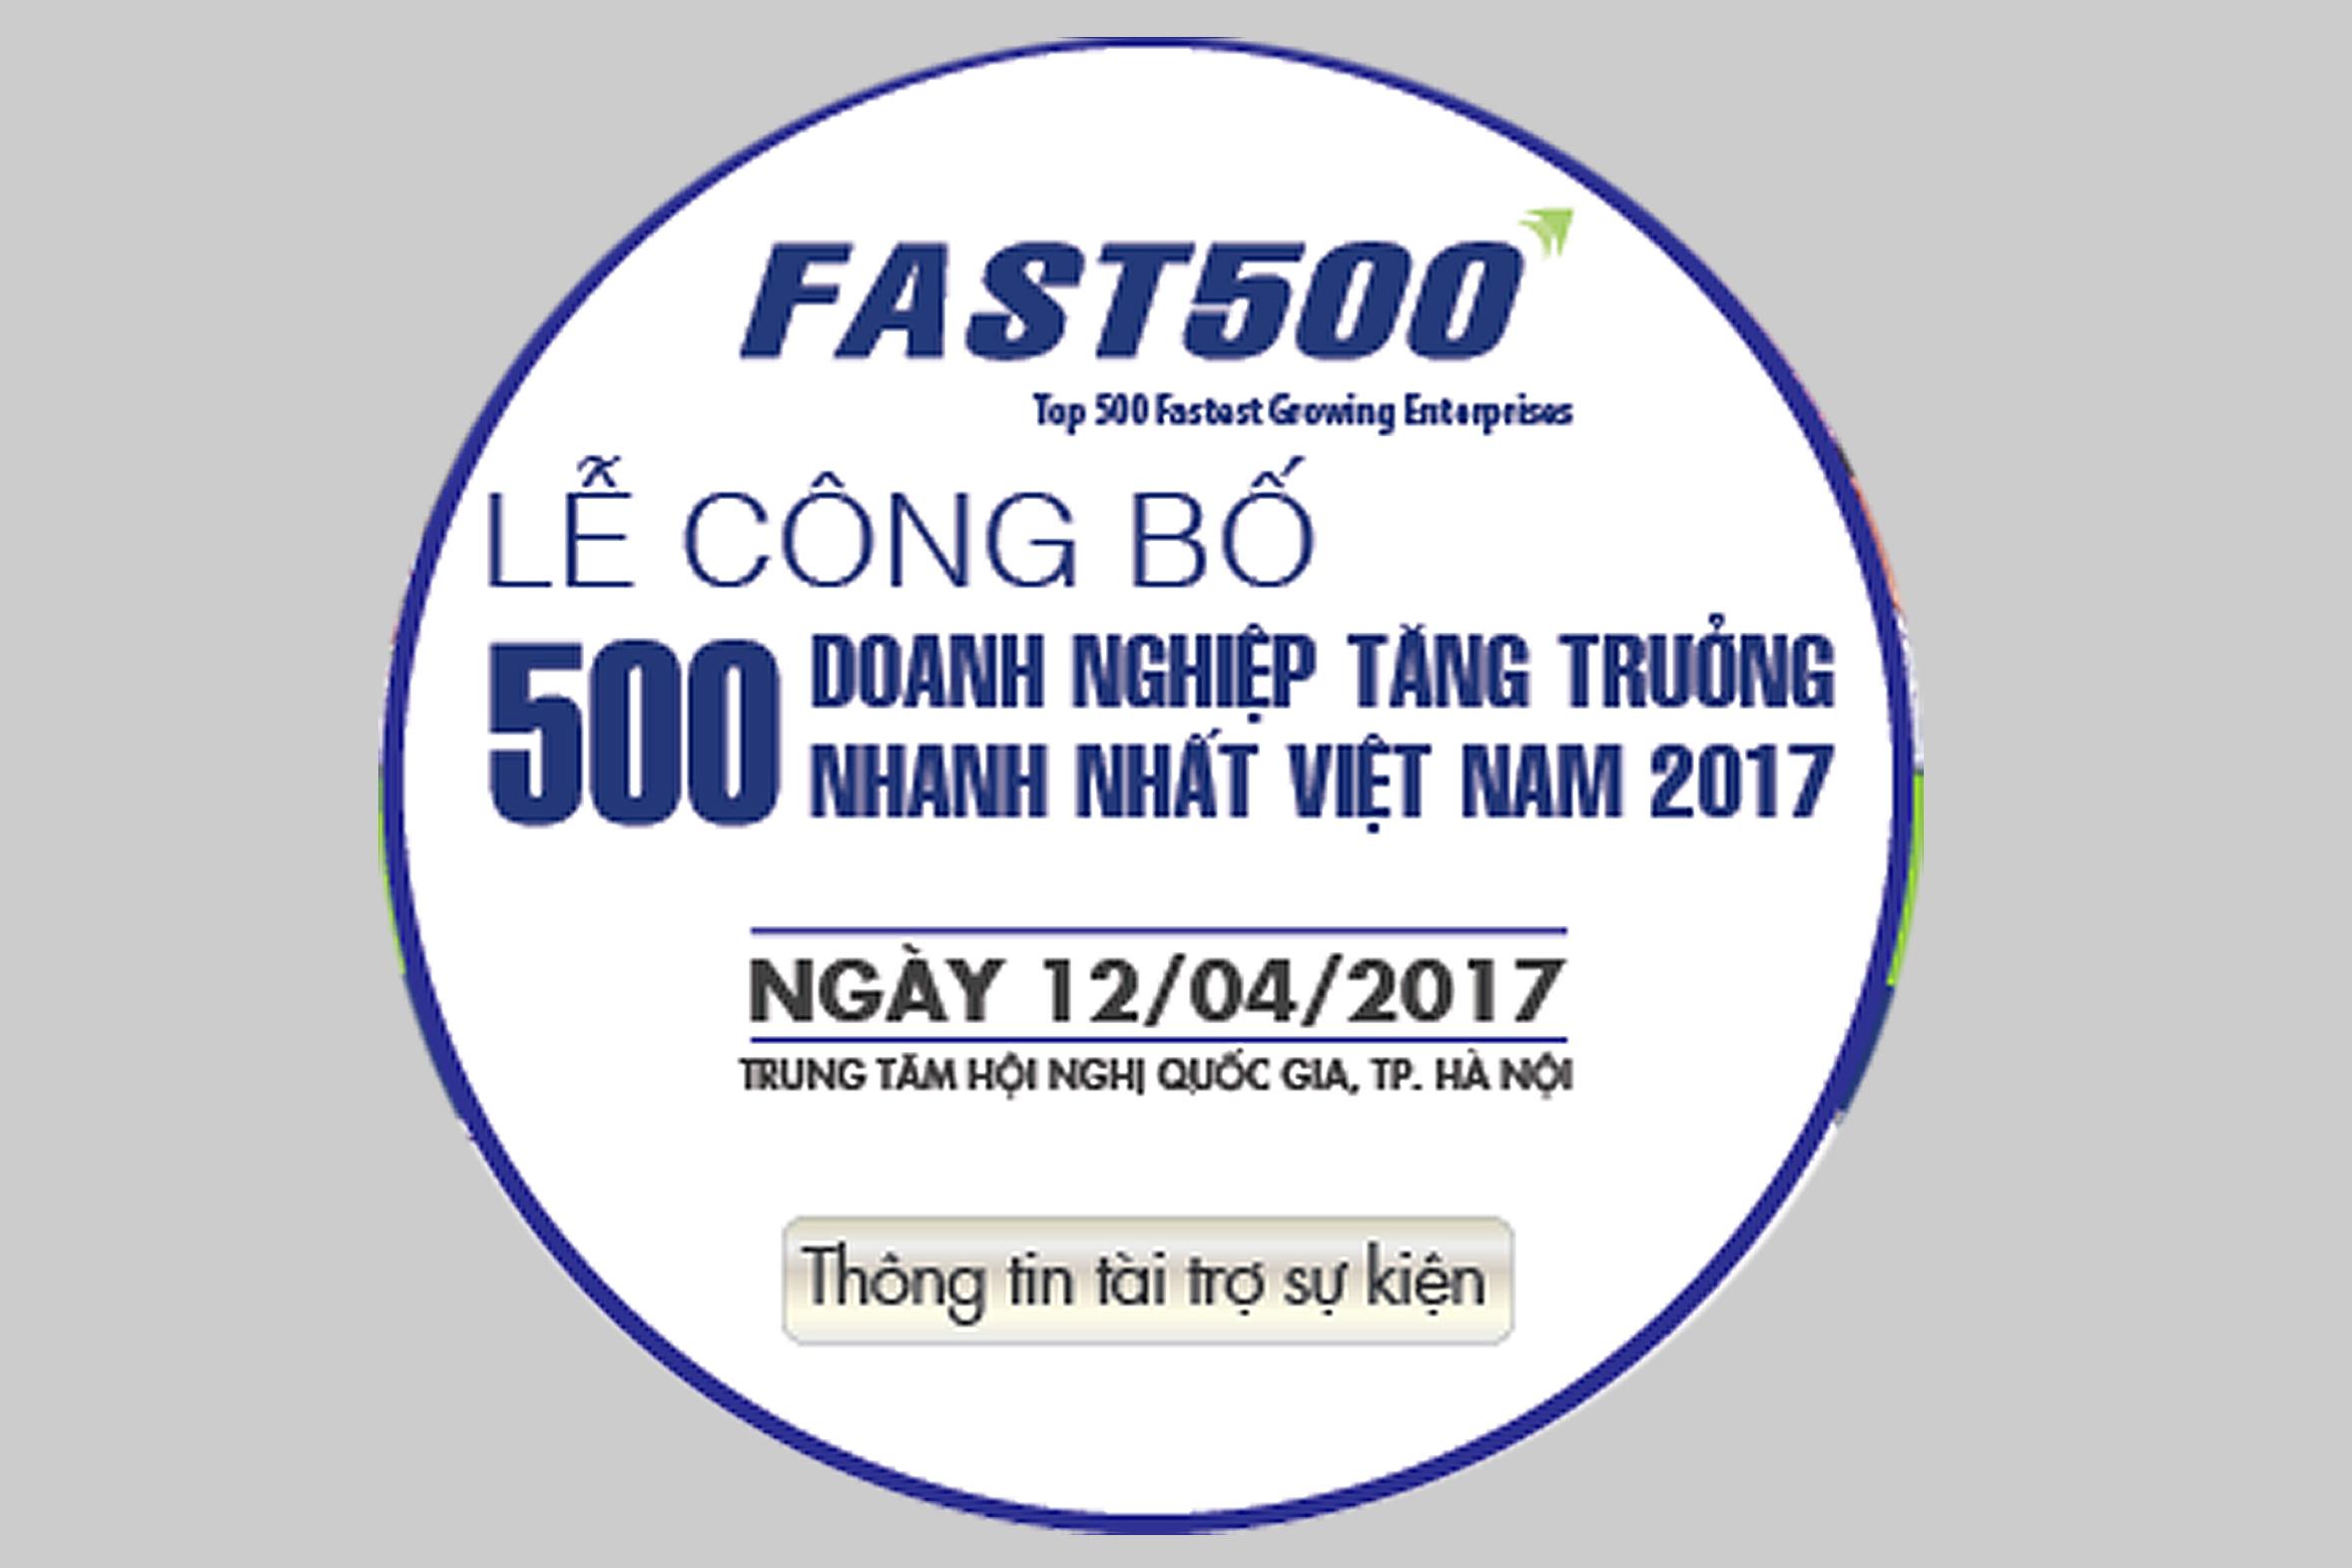 Bột Giặt & Hóa chất Đức Giang tự hào lọt vào TOP 10 doanh nghiệp tăng trưởng nhanh nhất Việt Nam